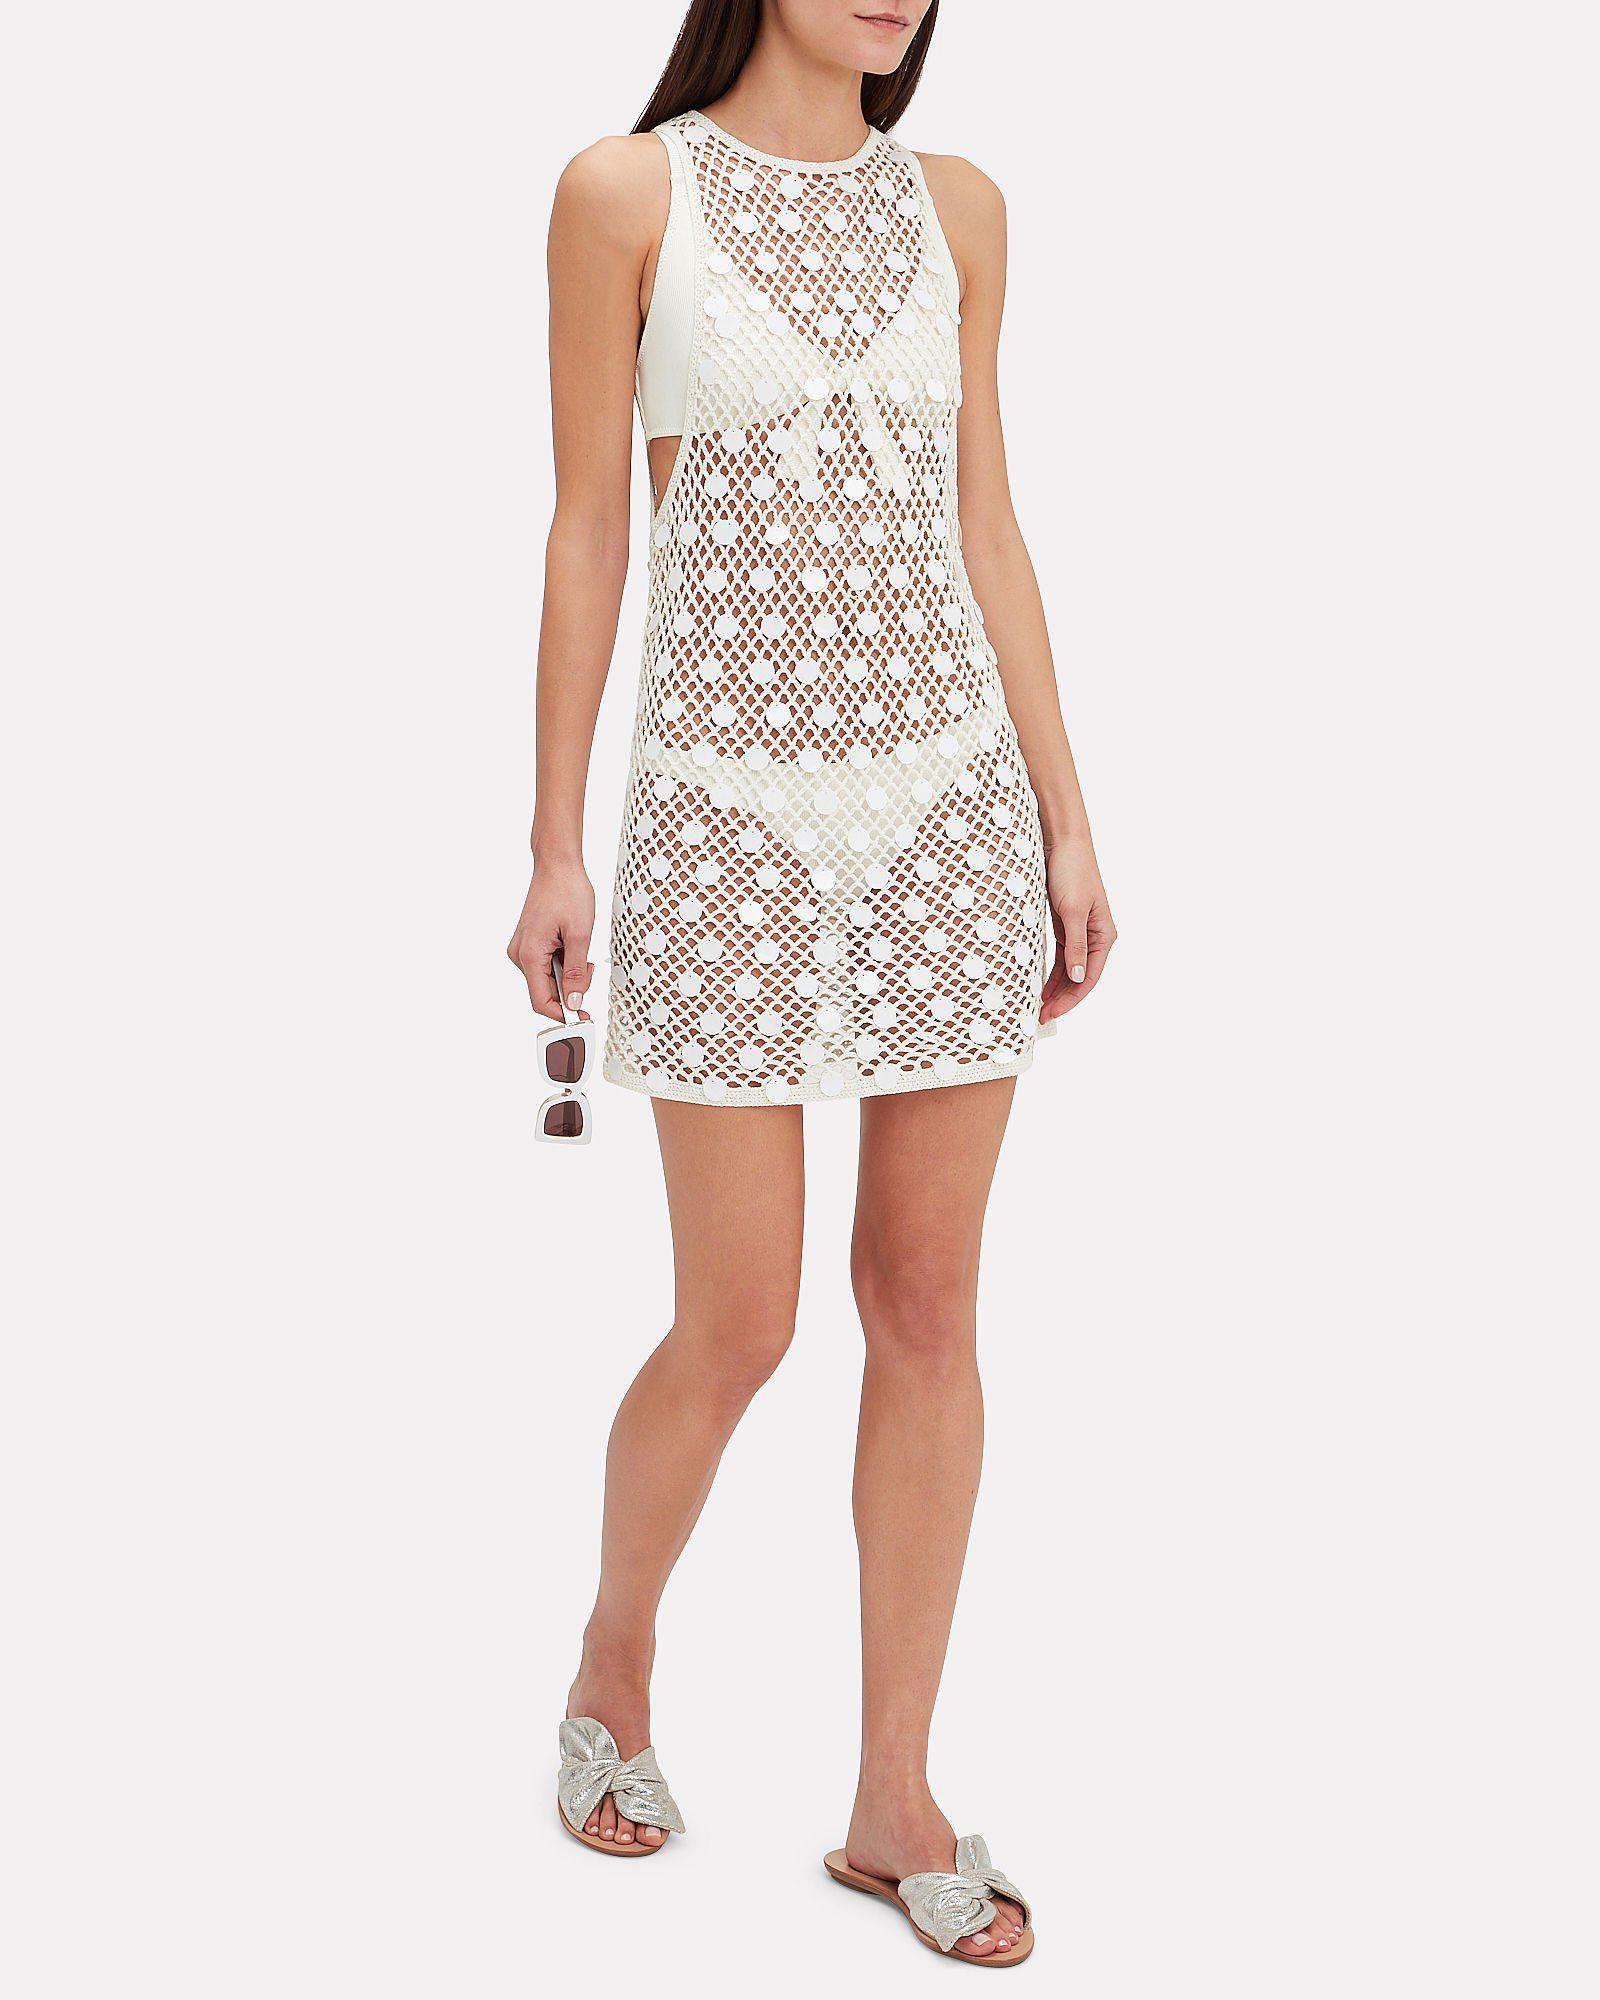 Crochet Mini Dress White Hi Res Crochet Mini Dress Mini Dress Dresses